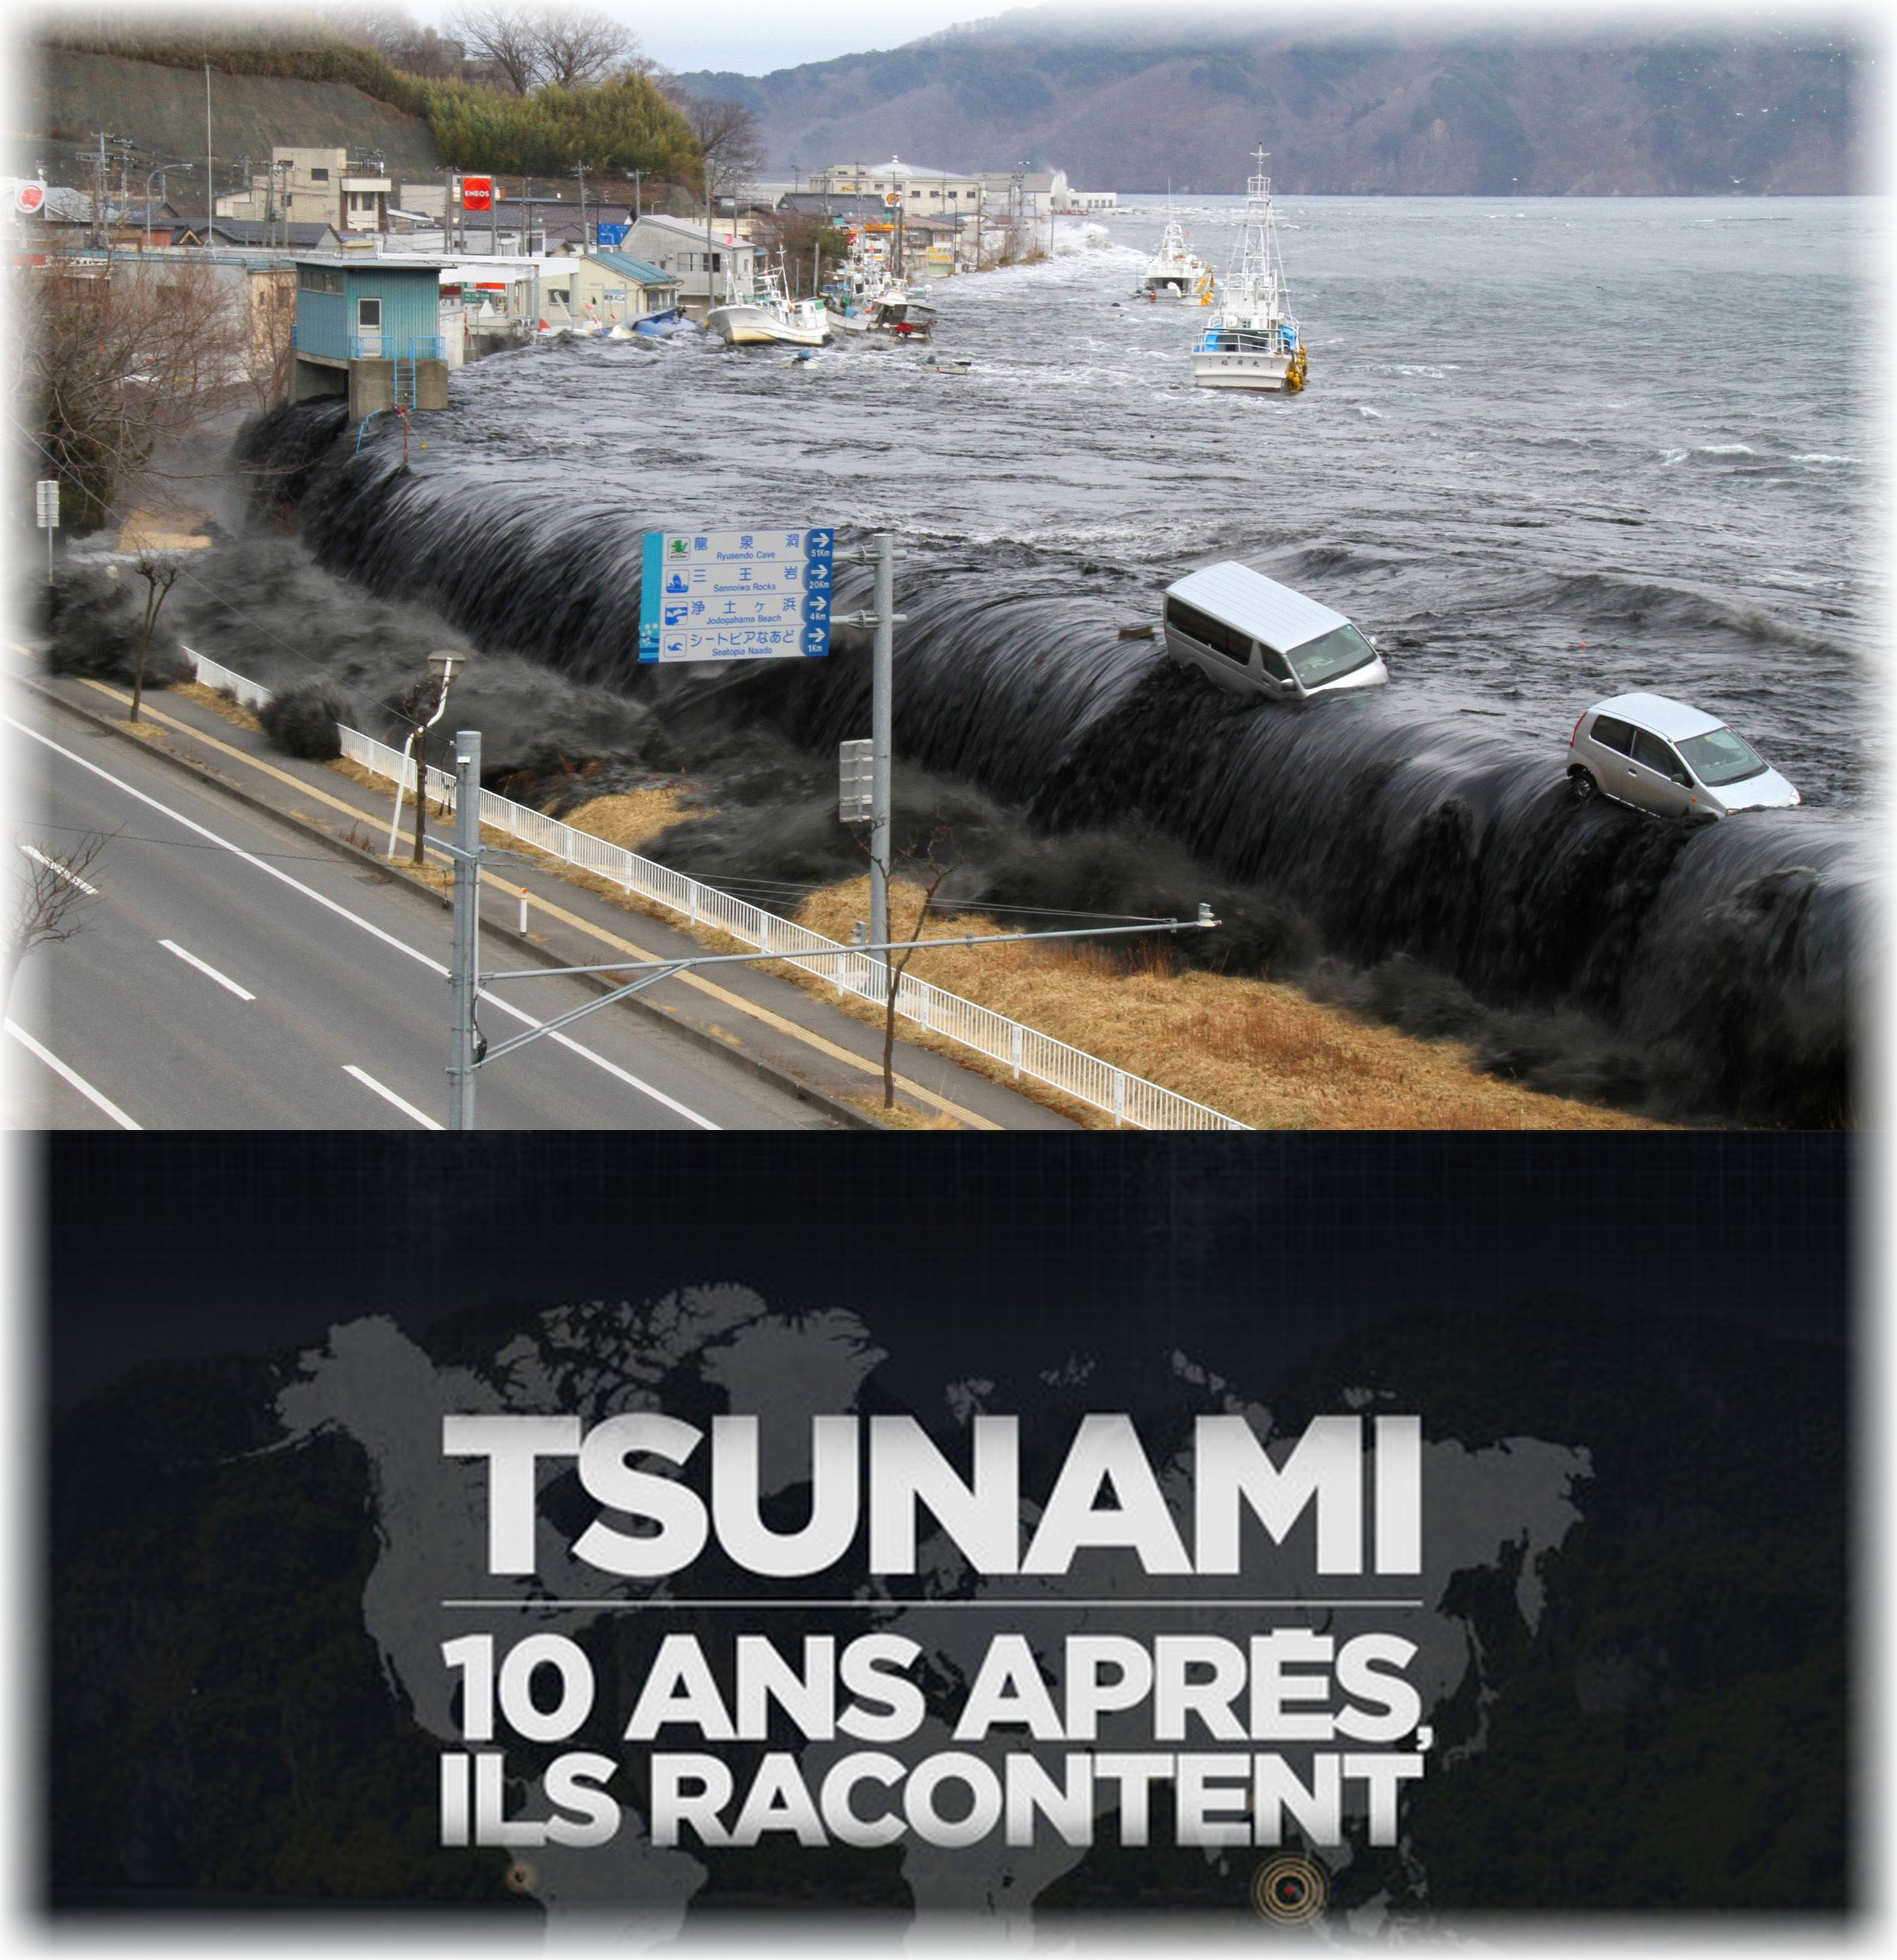 Tsunami, 10 ans après ils racontent affiche